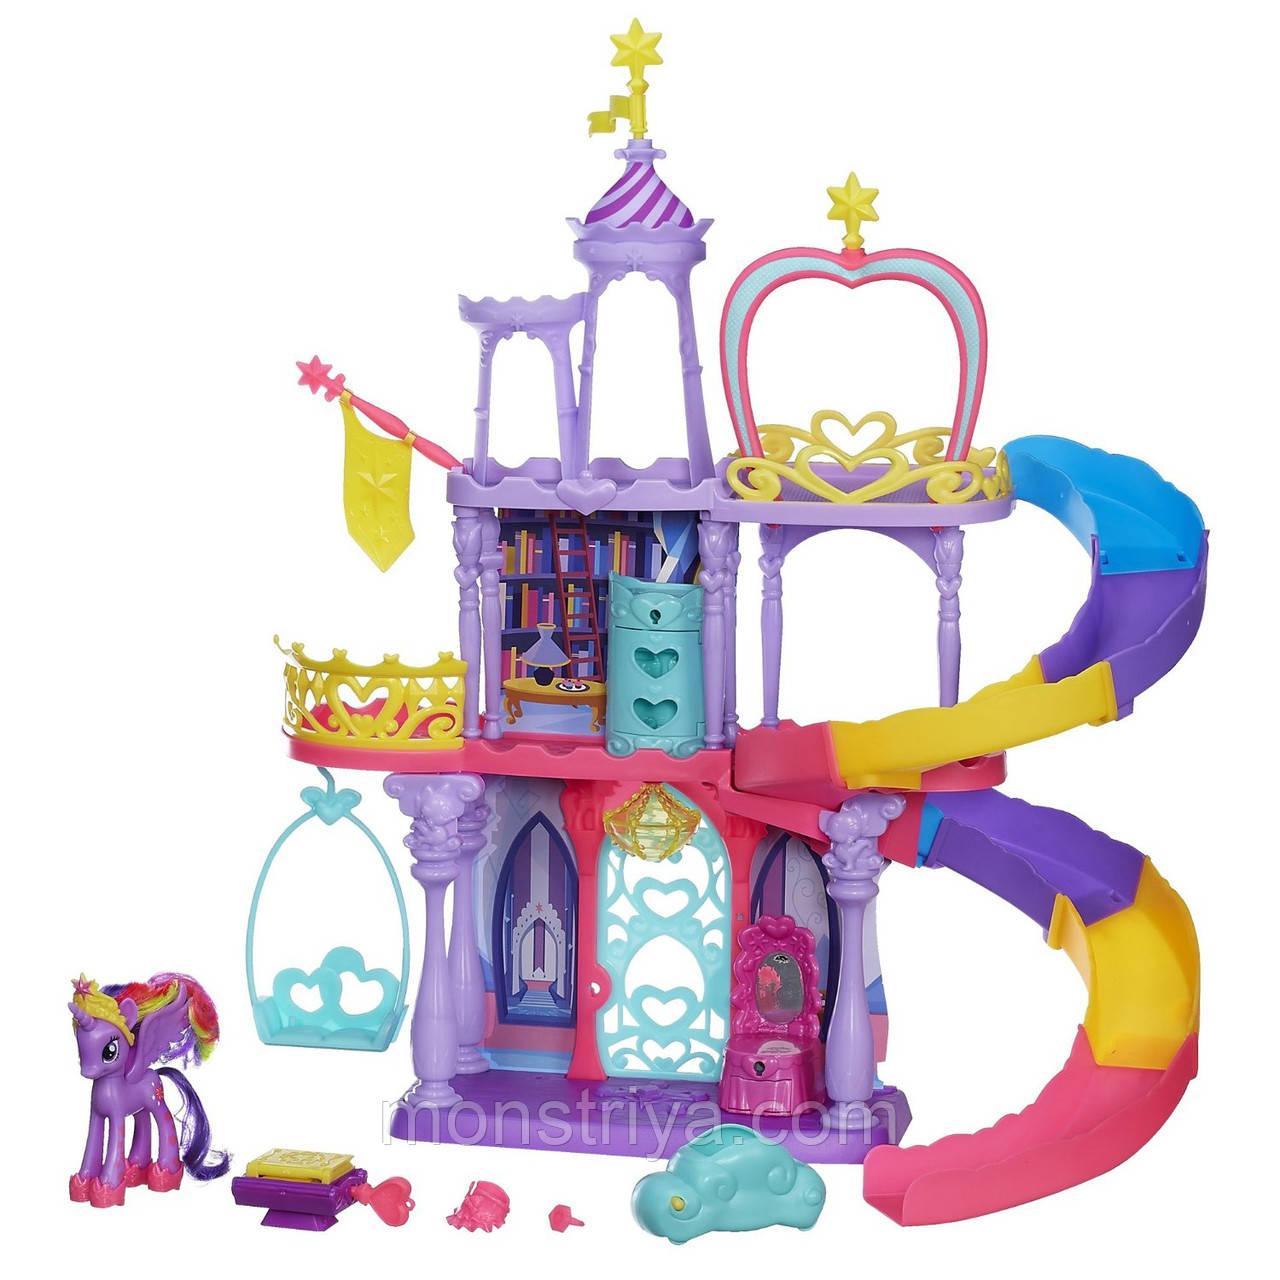 Hasbro Май литл пони.Радужный замок принцессы Твайлайт Спаркл (Сумеречной искорки) My little pony